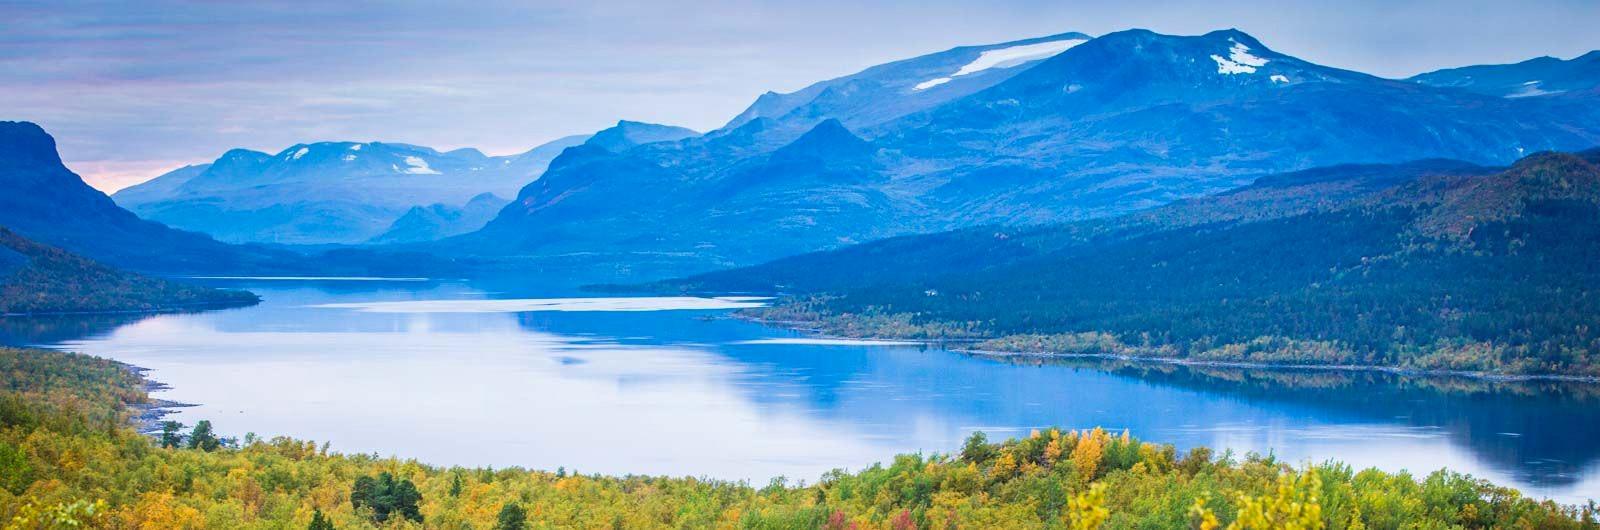 Klarblå sjö mellan kantiga fjäll